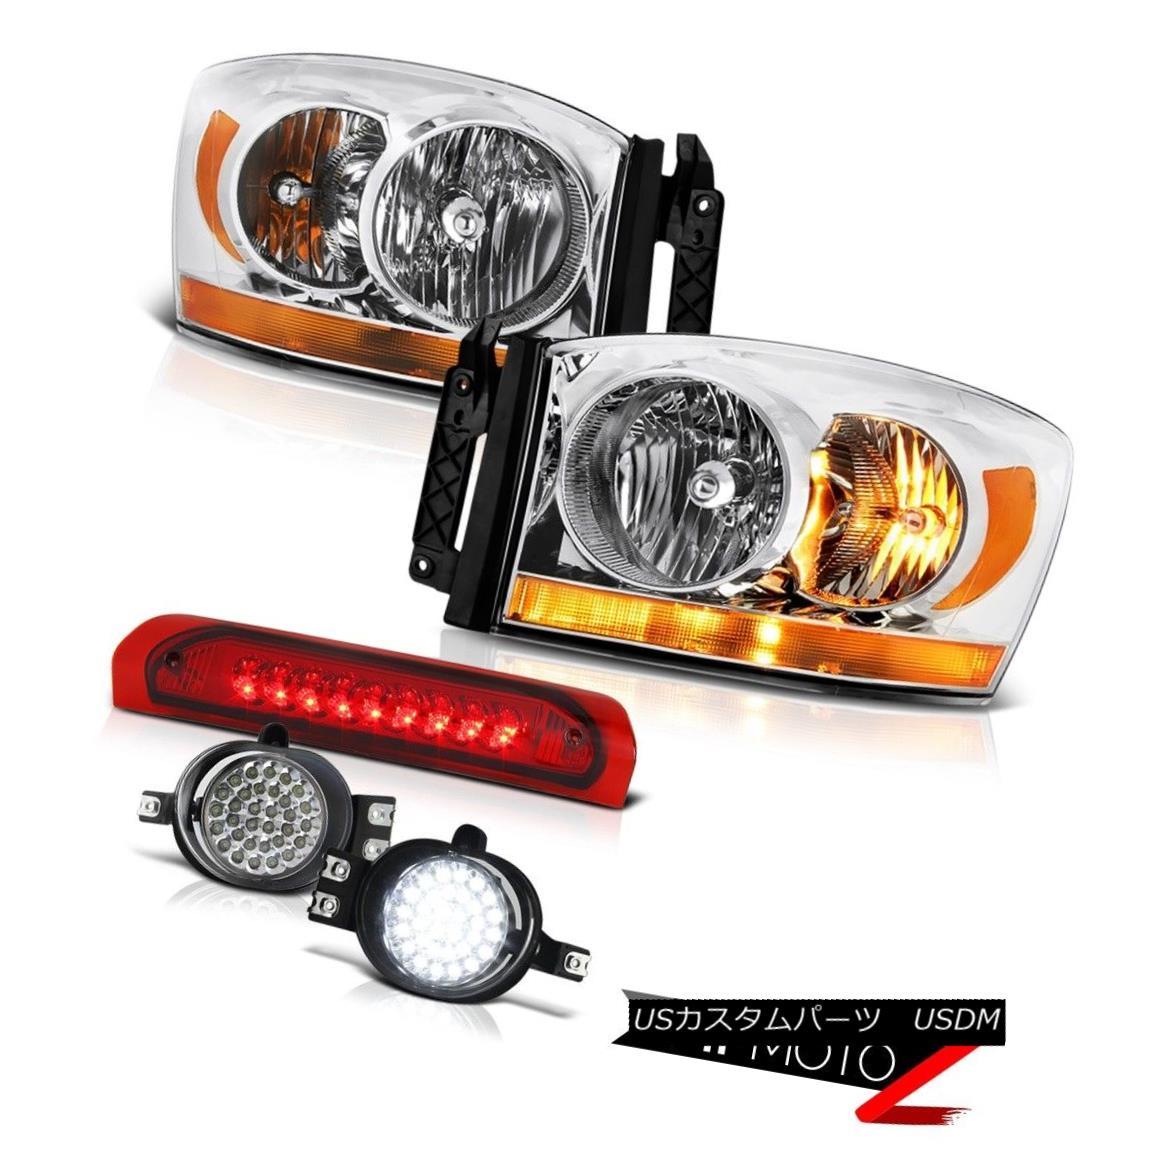 ヘッドライト 2006 Ram 4.7L Clear Chrome Headlamps Foglamps Red Roof Brake Lamp Oe Style LED 2006ラム4.7LクリアクロームヘッドランプフォグランプレッドルーフブレーキランプOeスタイルLED